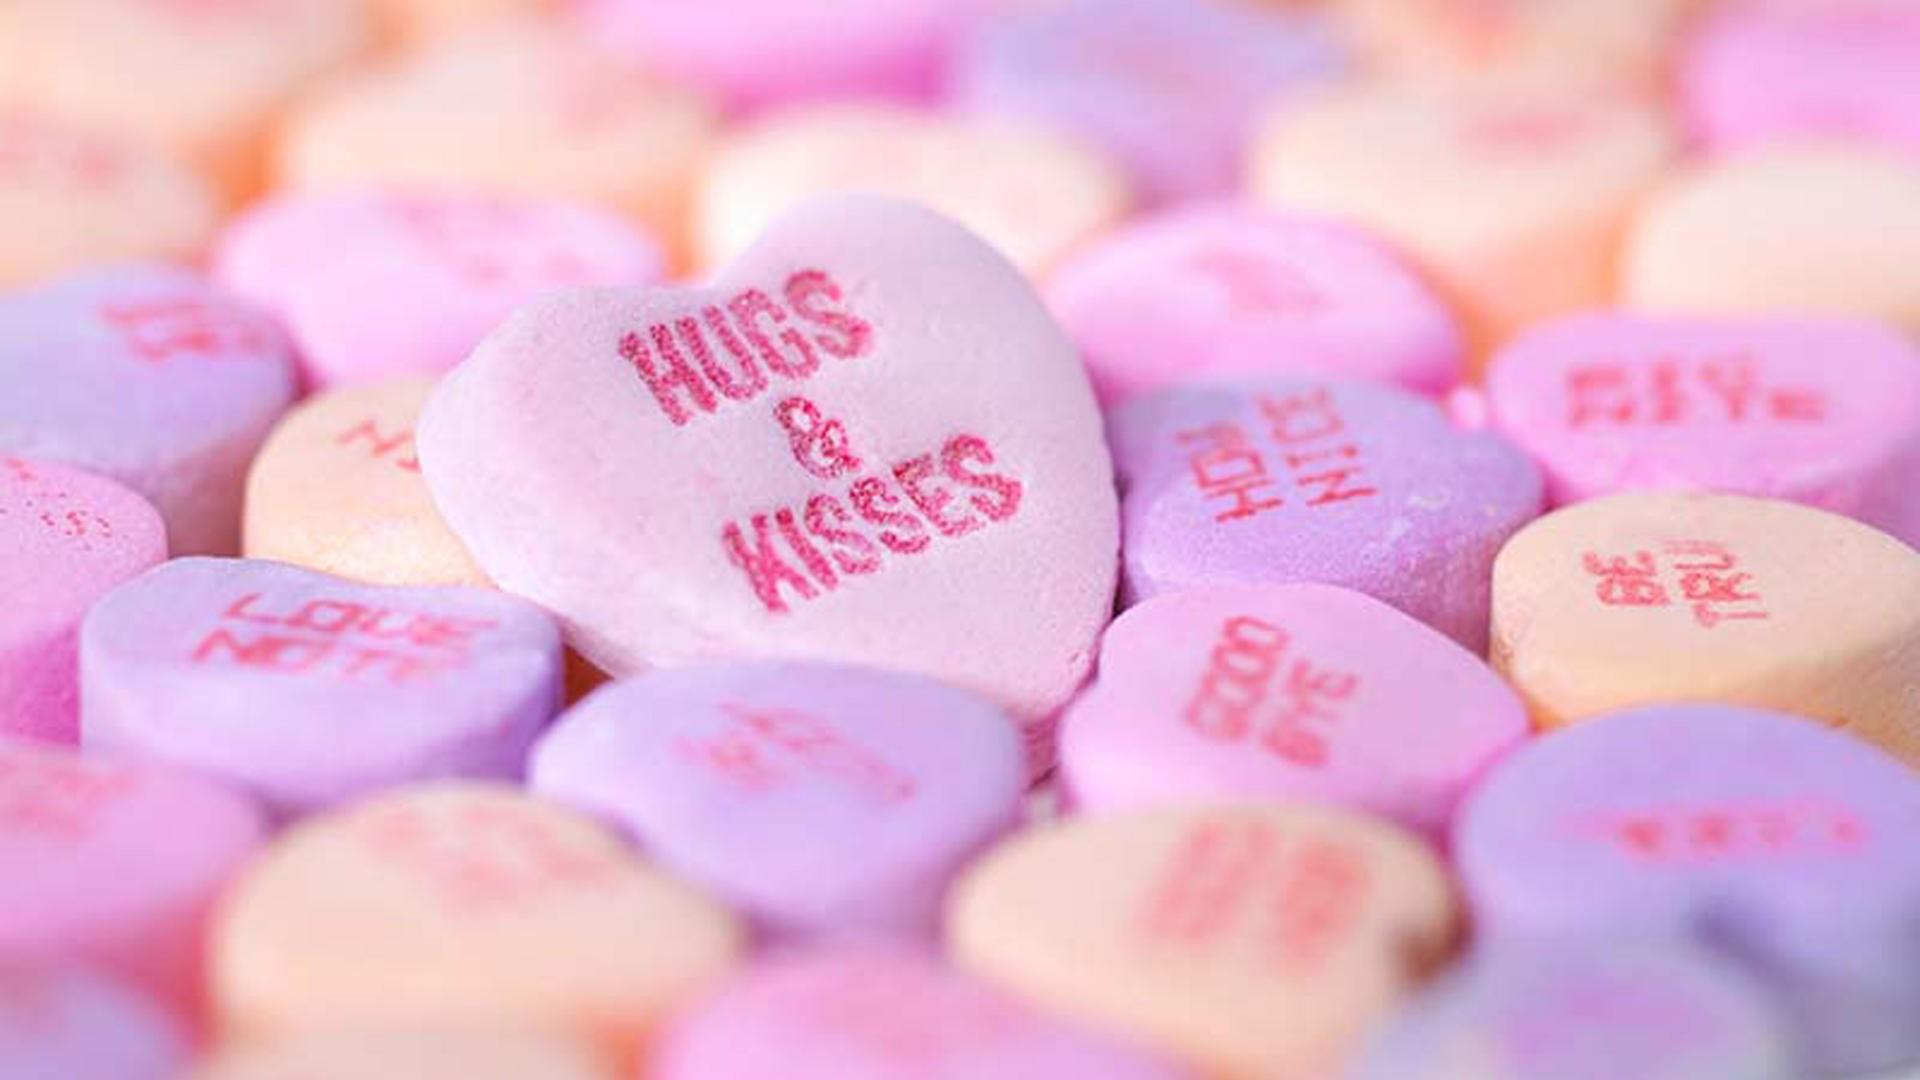 Hugs Kisses   Wallpaper 36923 1920x1080